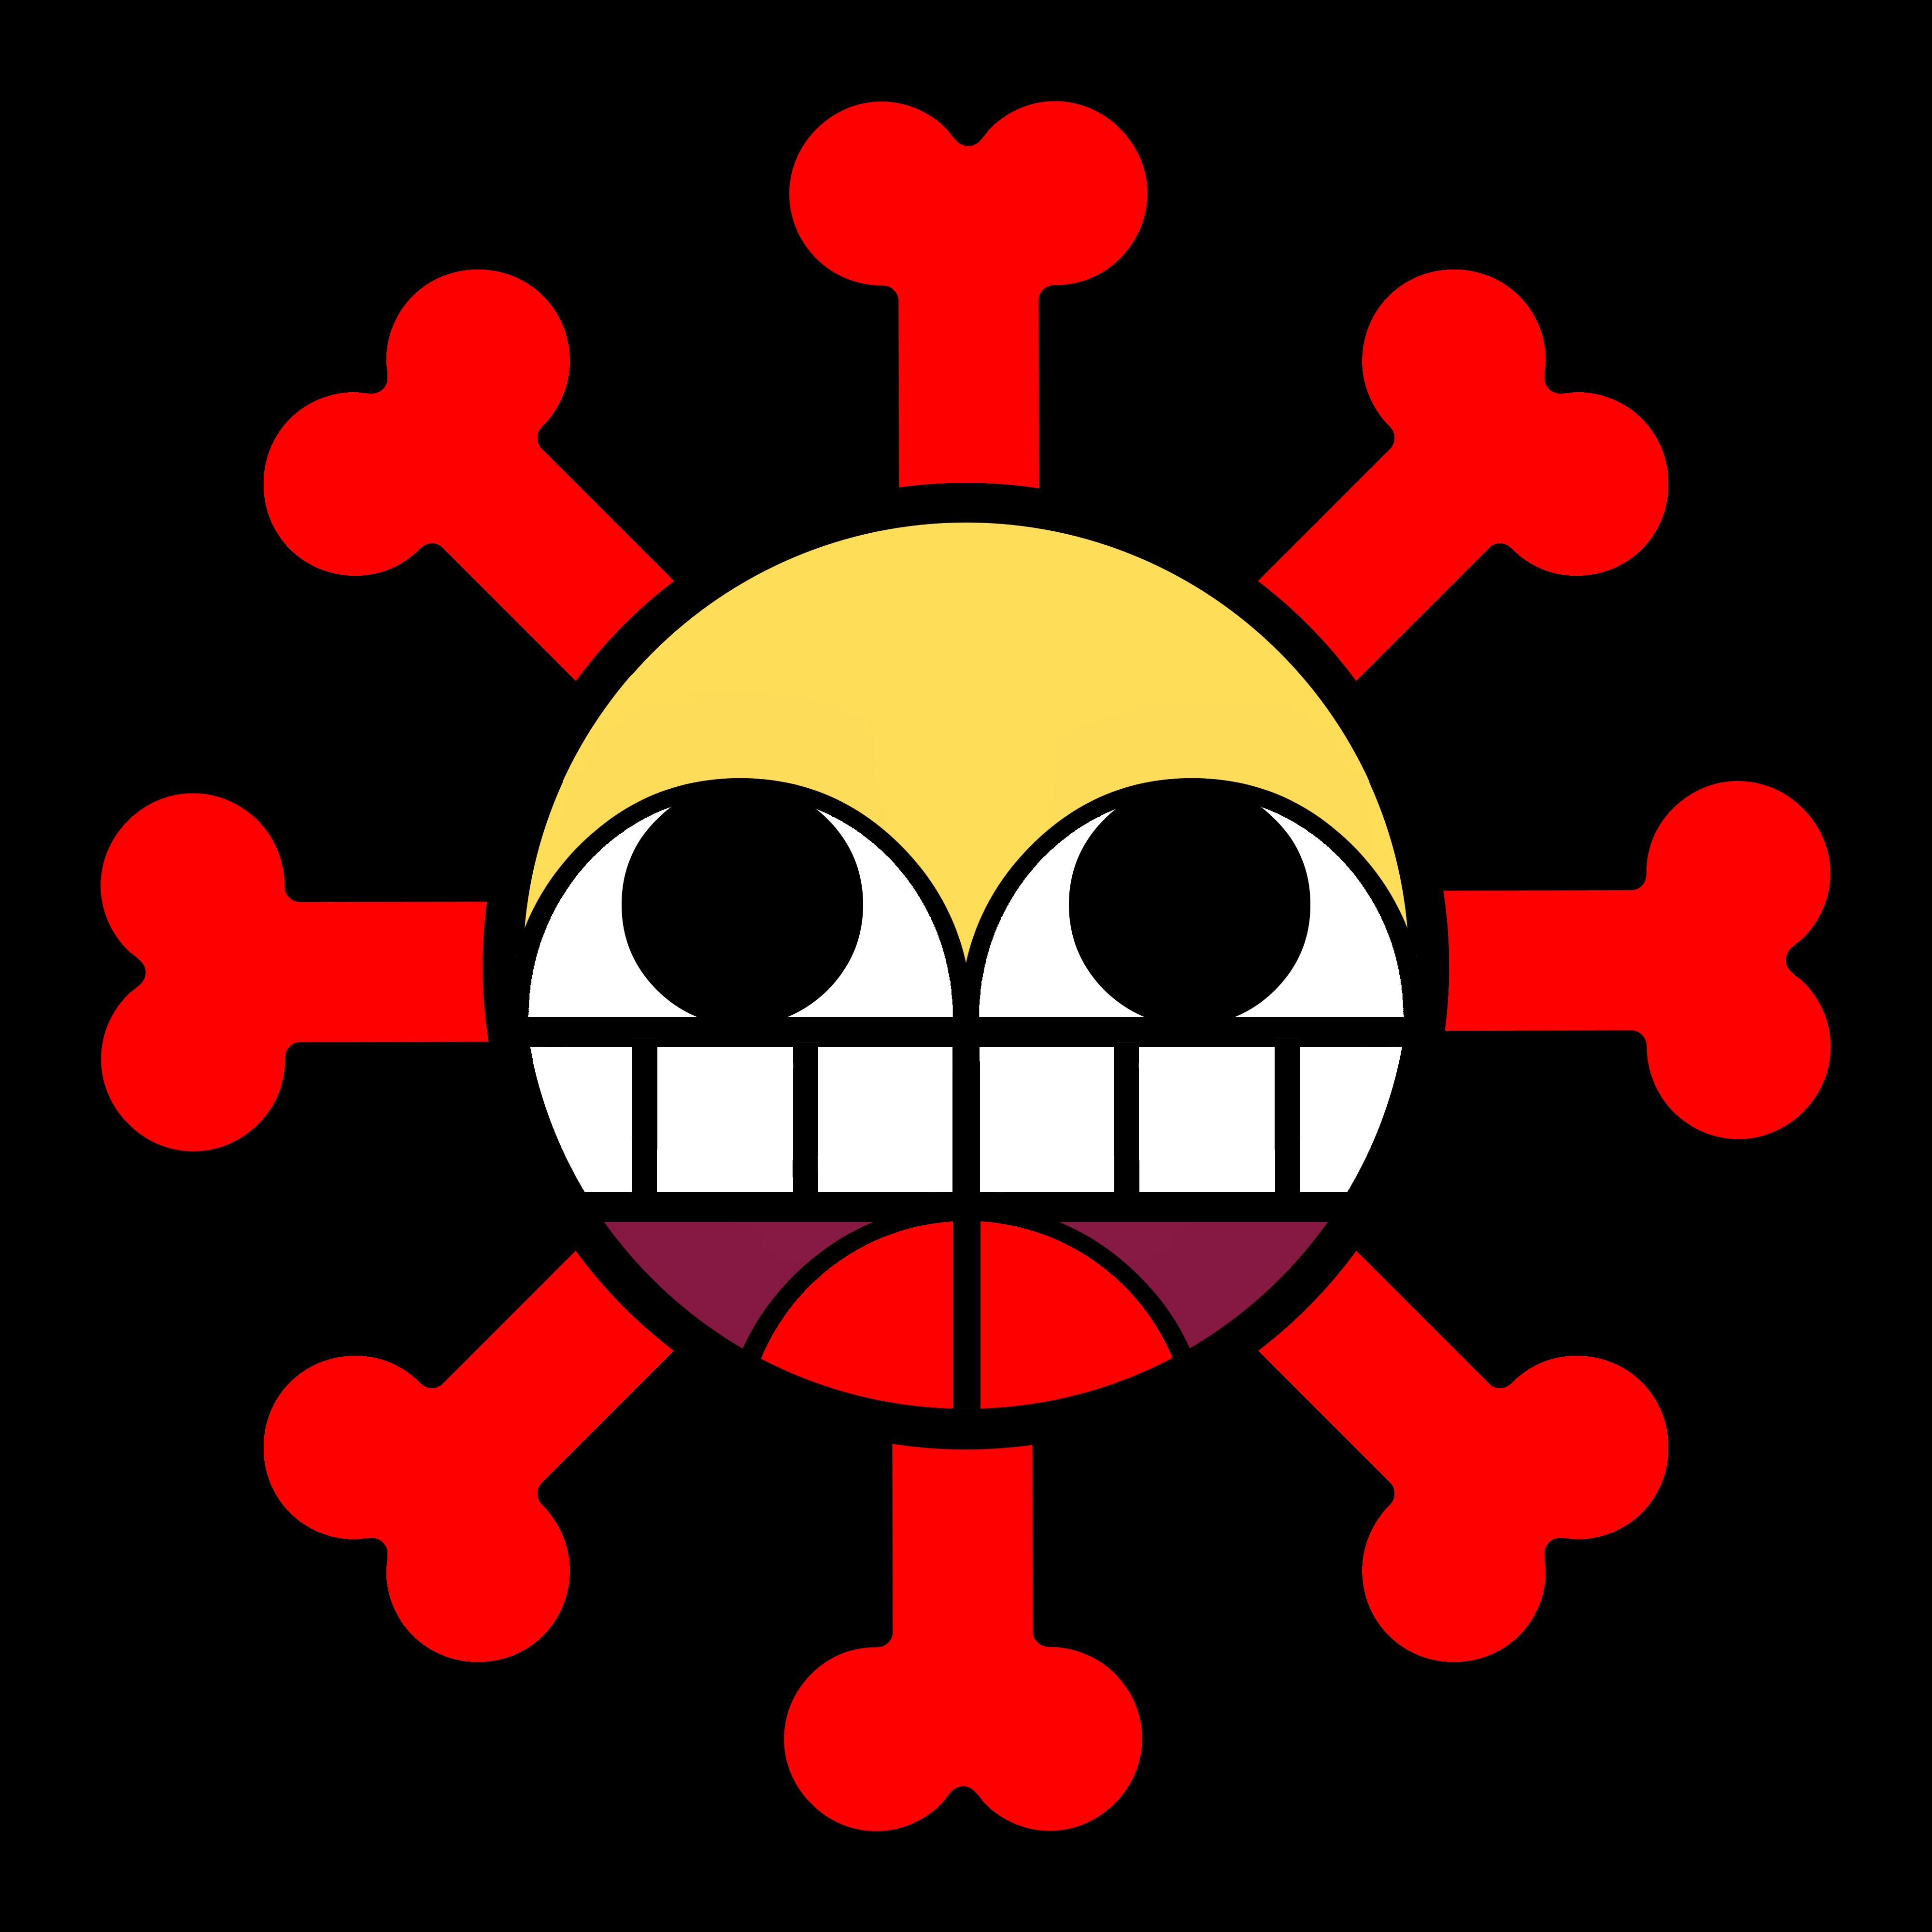 Flag of Memes